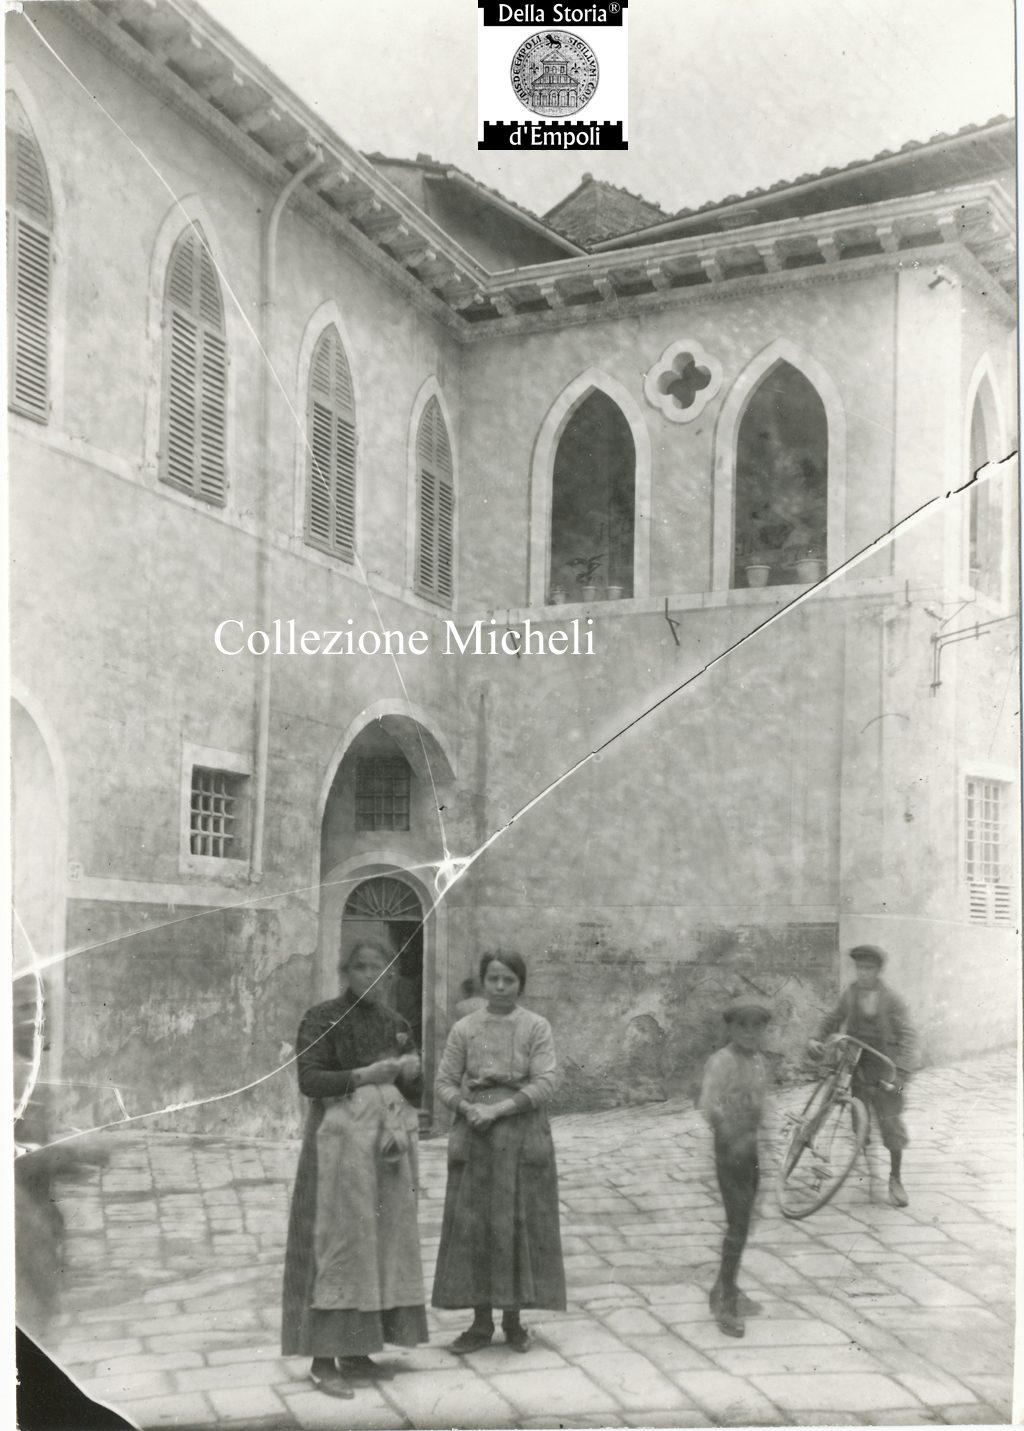 Cerreto Guidi - Via Santi Saccenti Porta al Palagio